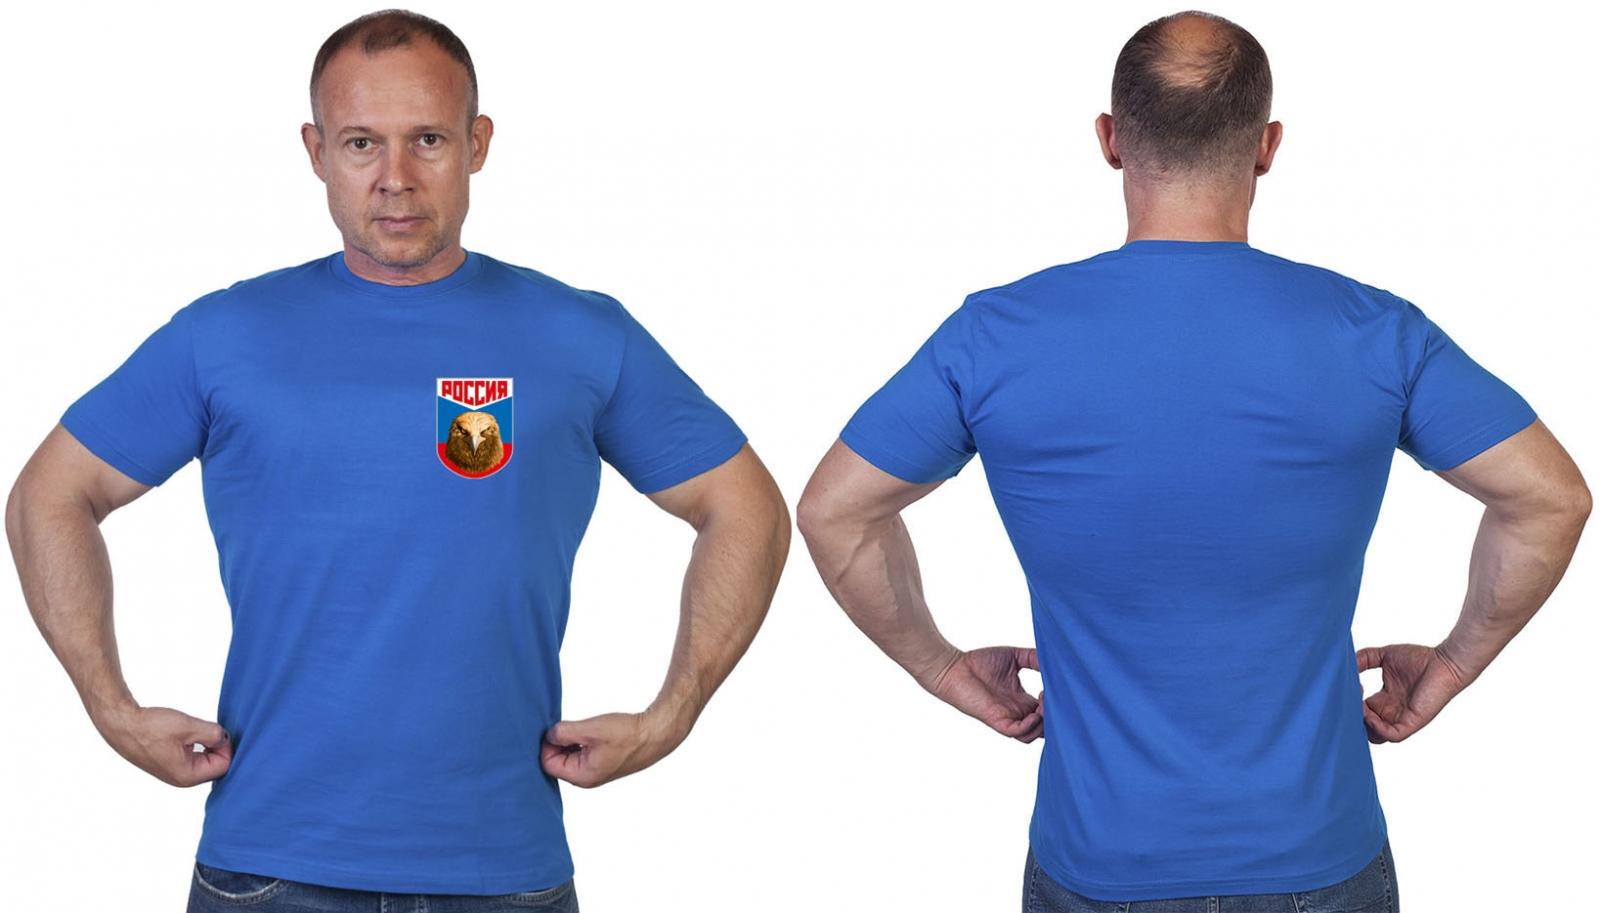 Васильковая футболка с термотрансфером Россия